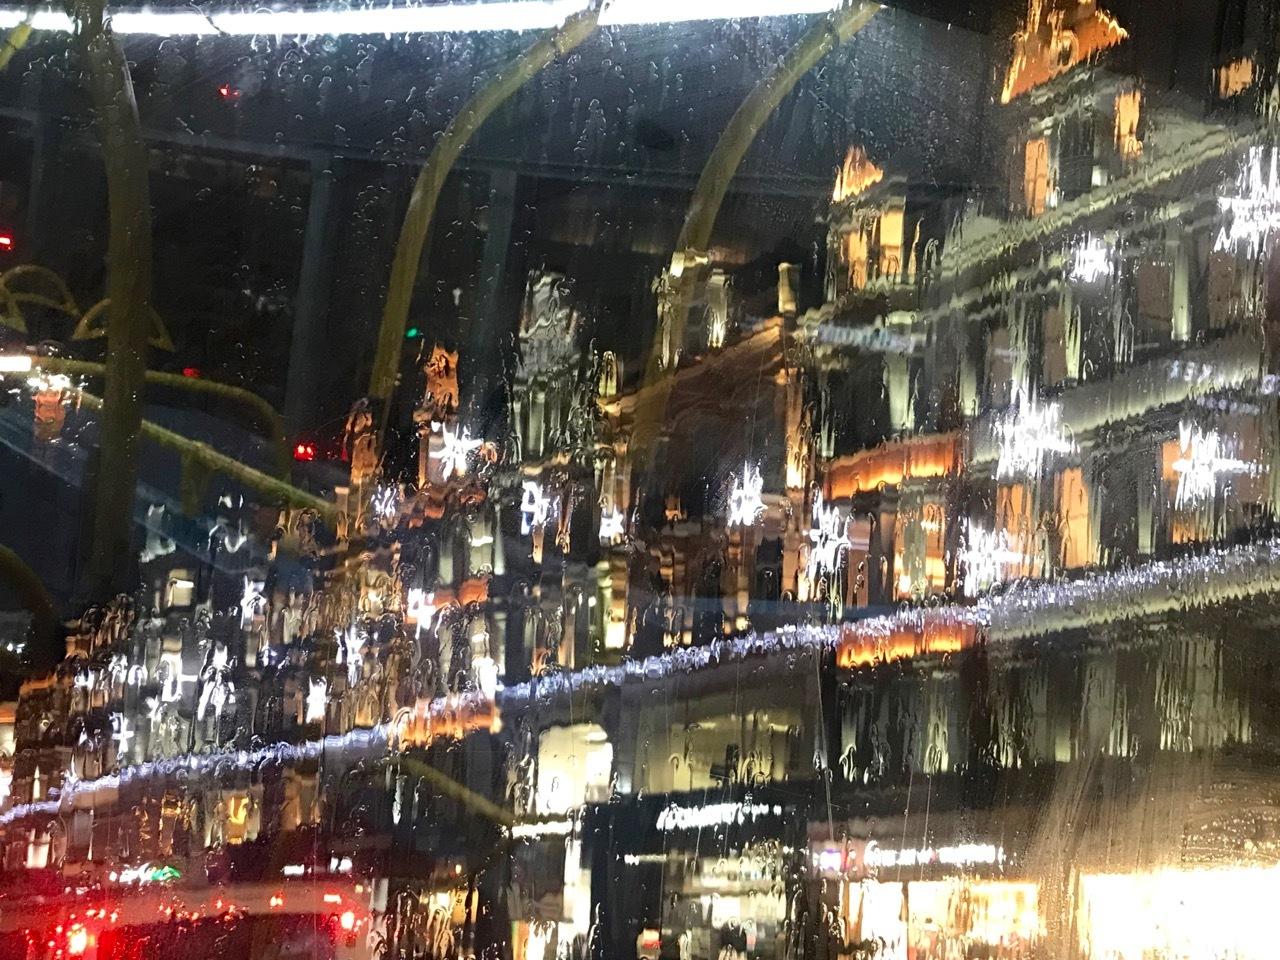 クリスマスは直前がいちばん盛り上がるのかもしれません_e0114020_19313834.jpg